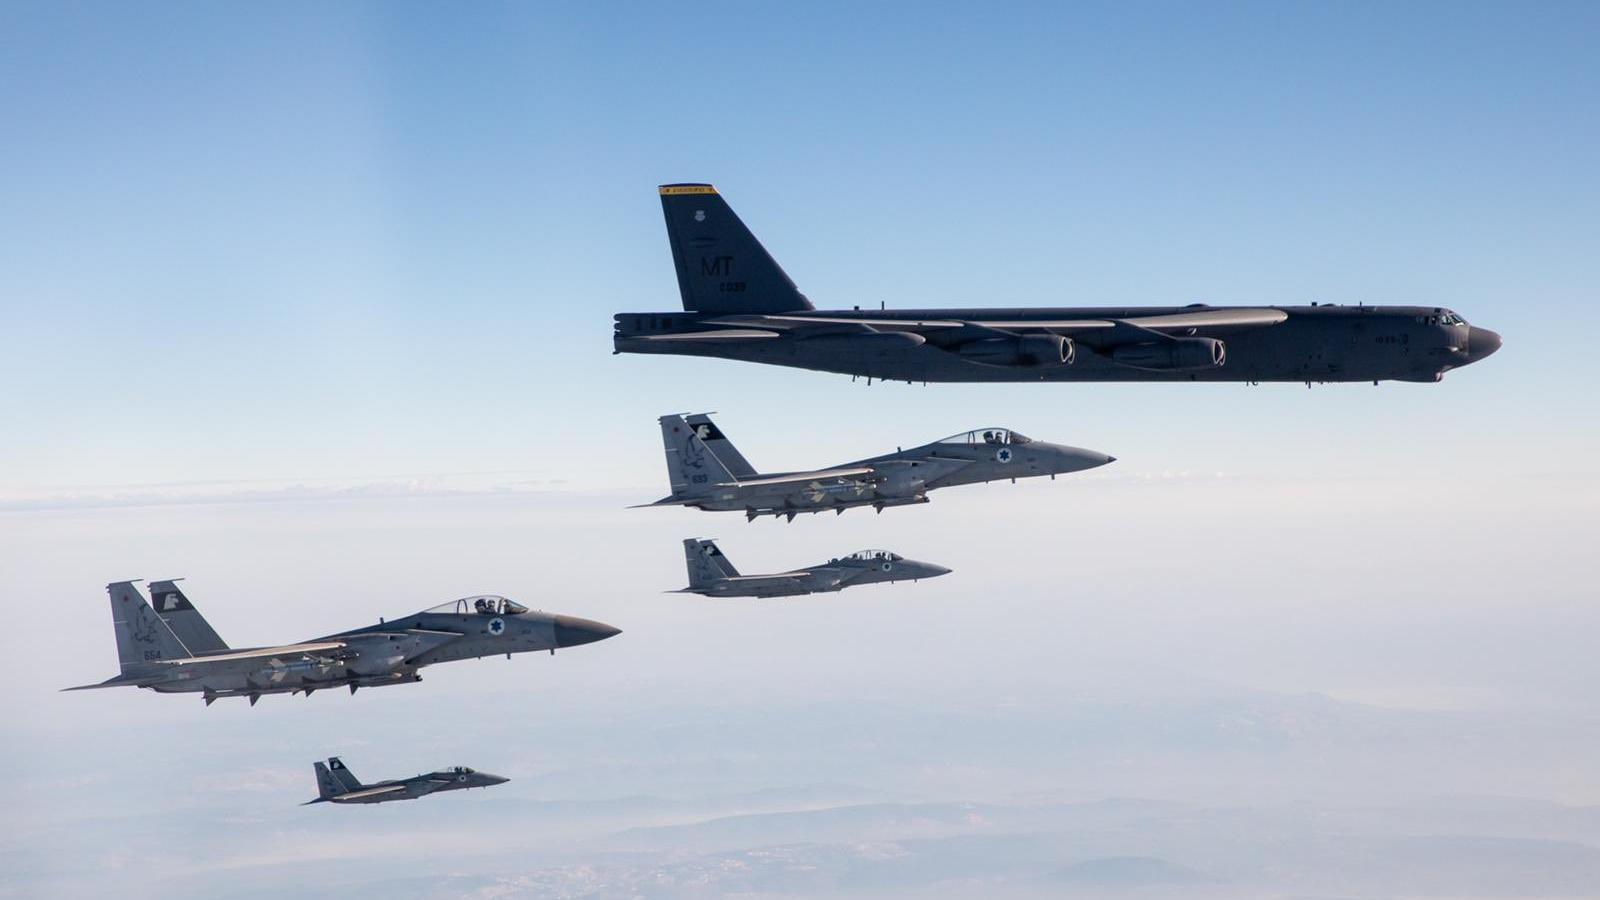 Tiêm kích F-15 Israel bay hộ tống B-52 của Mỹ, phô diễn sức mạnh trước Iran